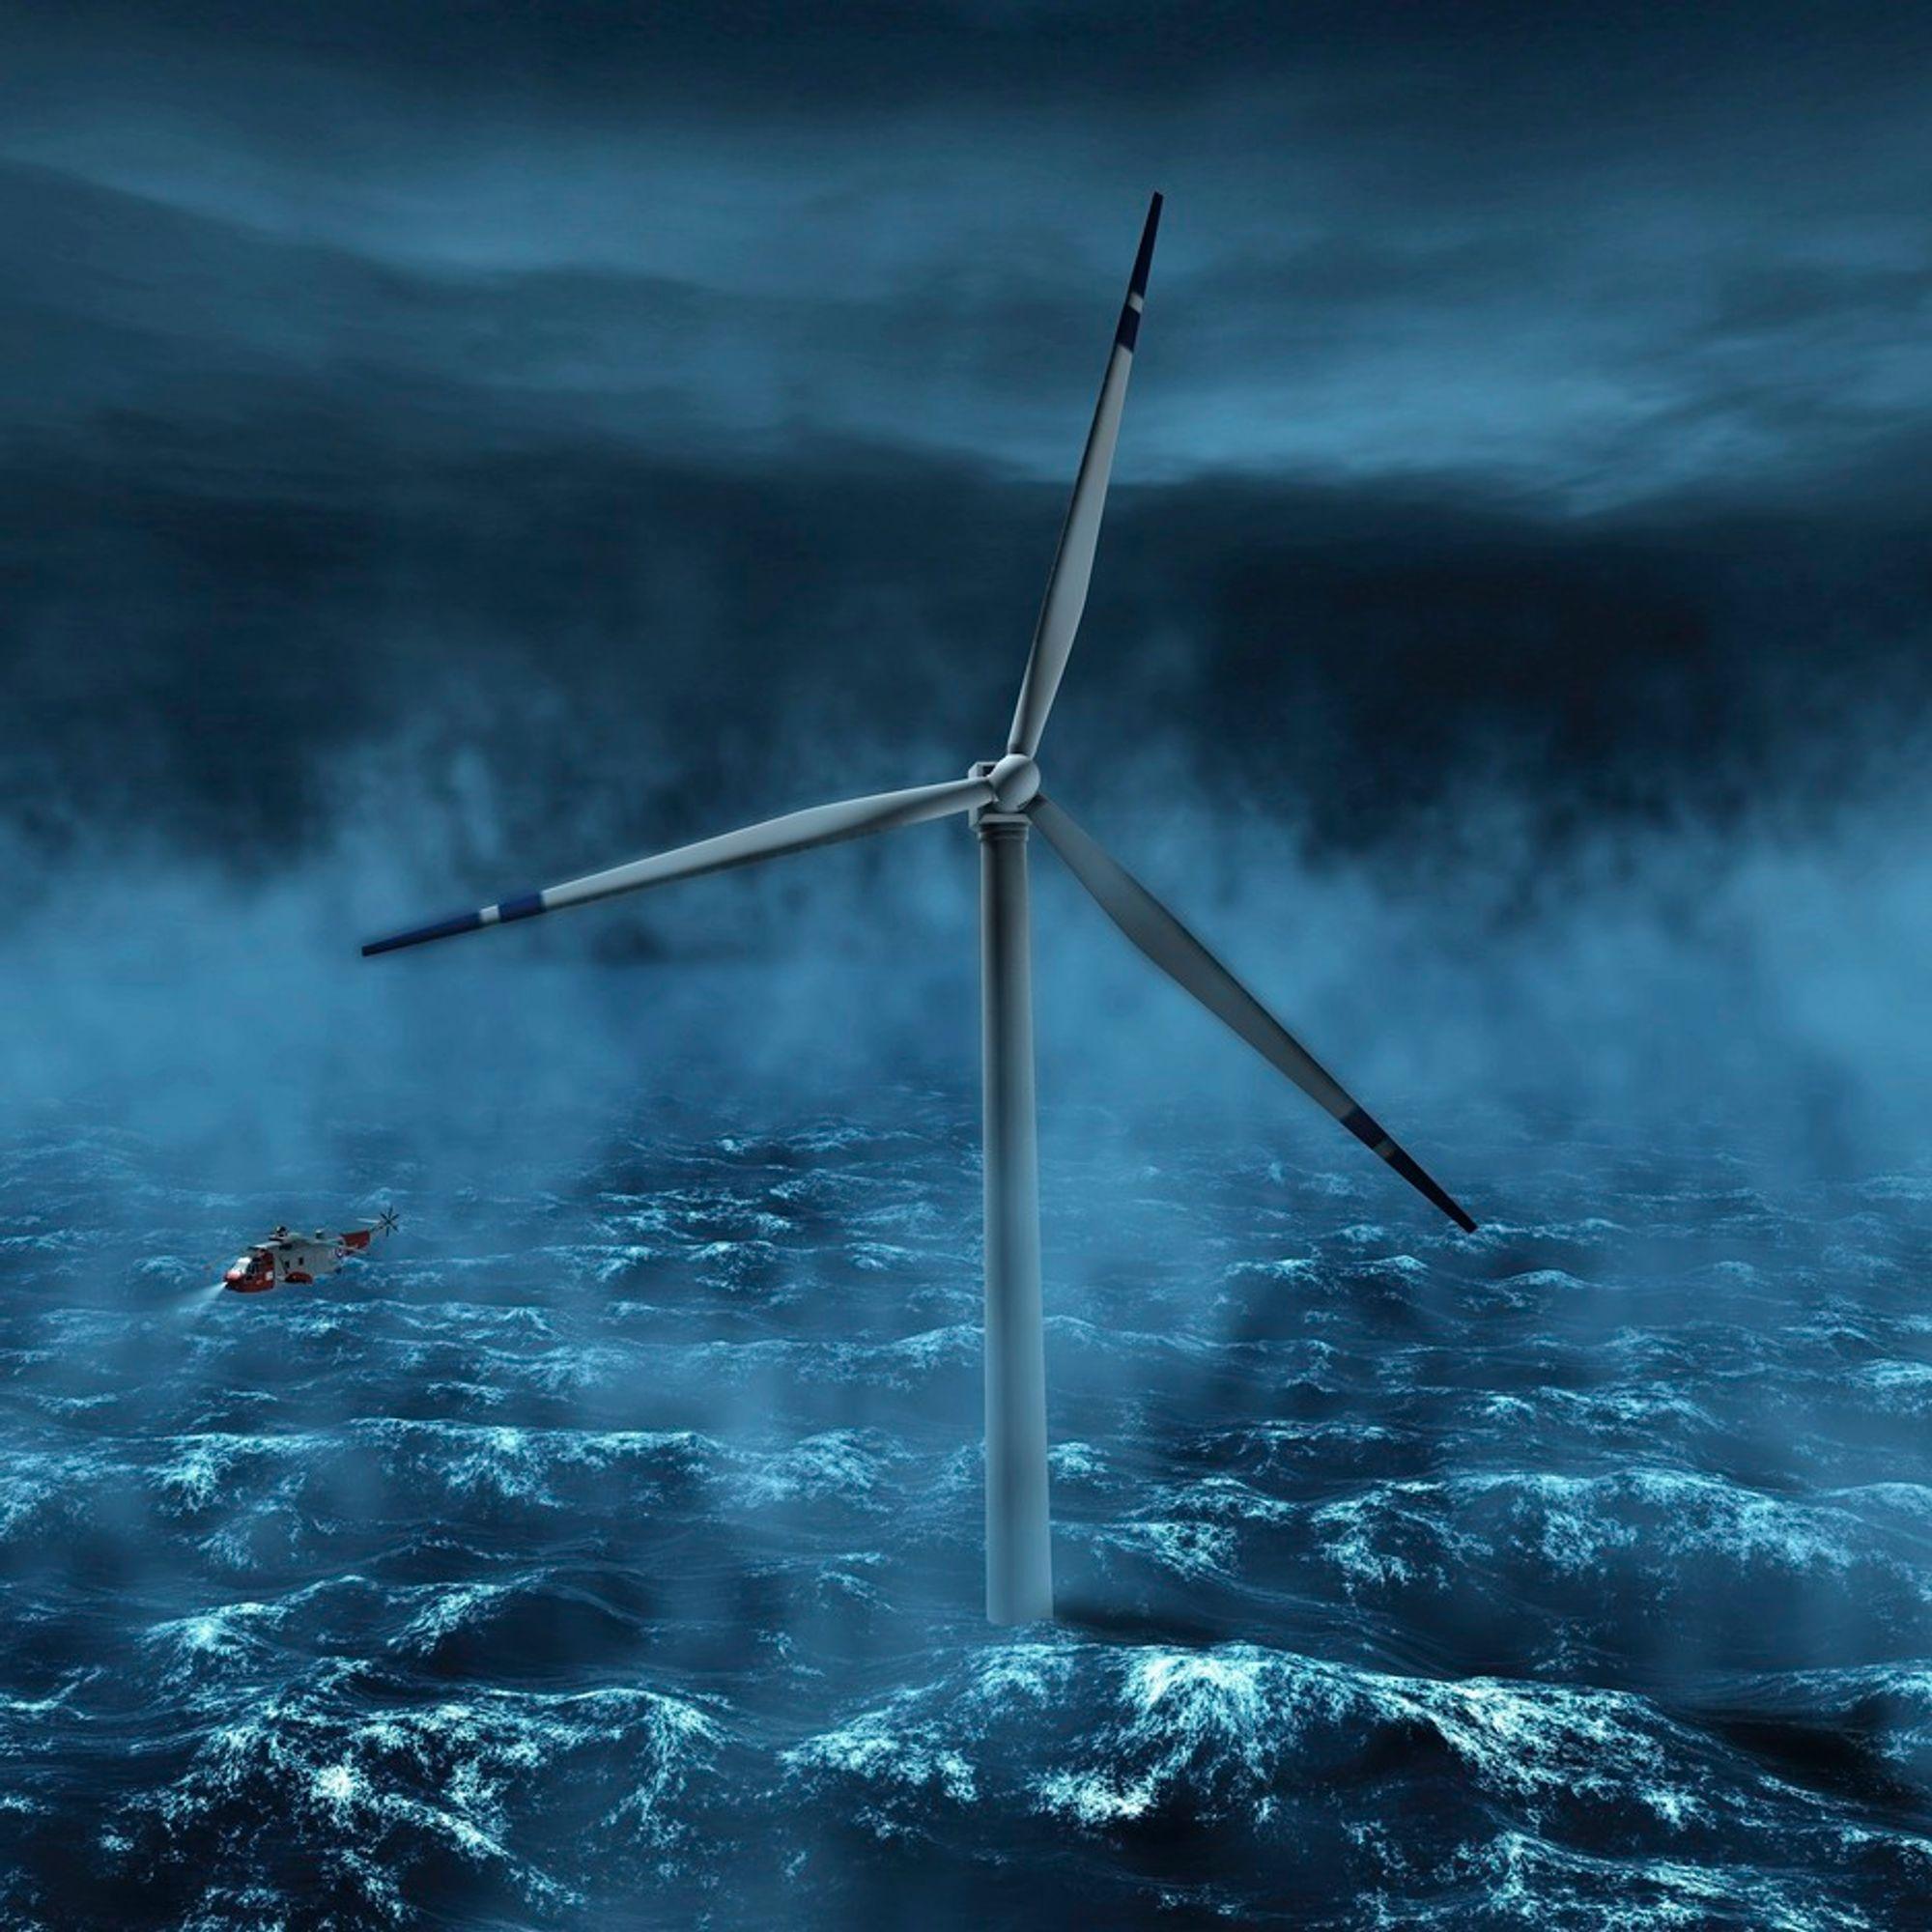 STOR: Statoilhydros Hywind blir den første industrielle fullskala demonstrasjonsenheten for flytende vindturbiner. Enheten er et snaut 200 meter langt tårn, hvor cirka 65 meter vil rage over havoverflaten. Illustrasjon.